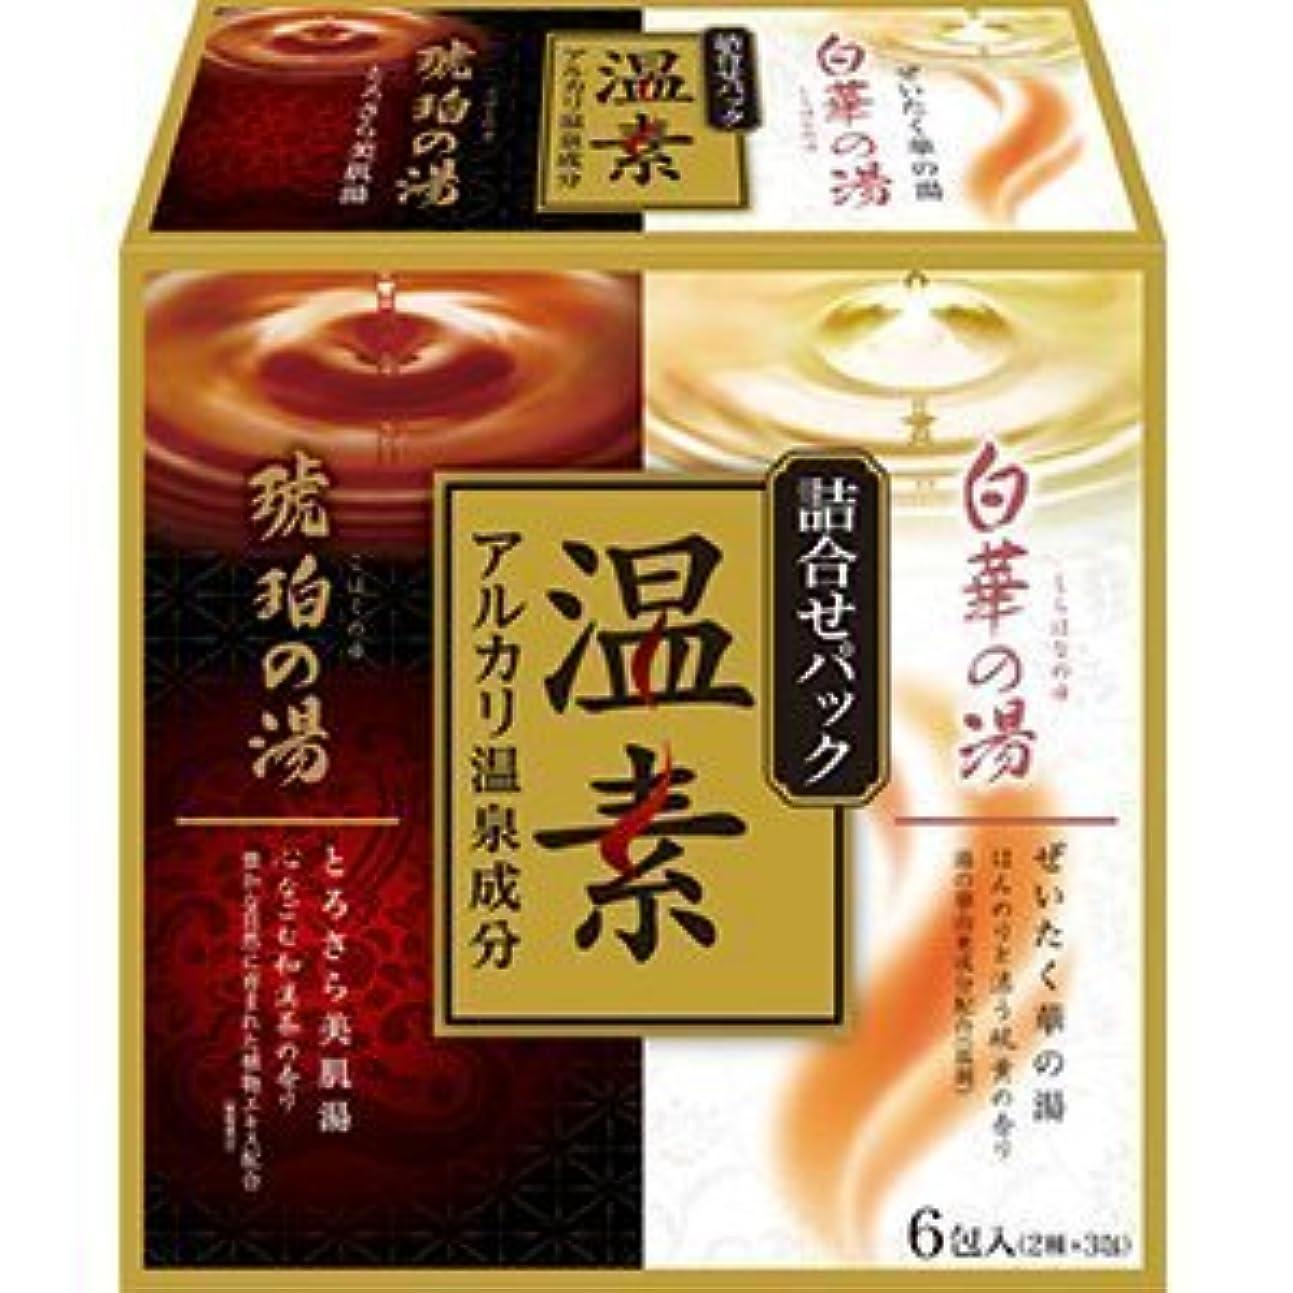 贅沢なお風呂ショッキング温素 琥珀の湯&白華の湯 詰合せパック × 3個セット